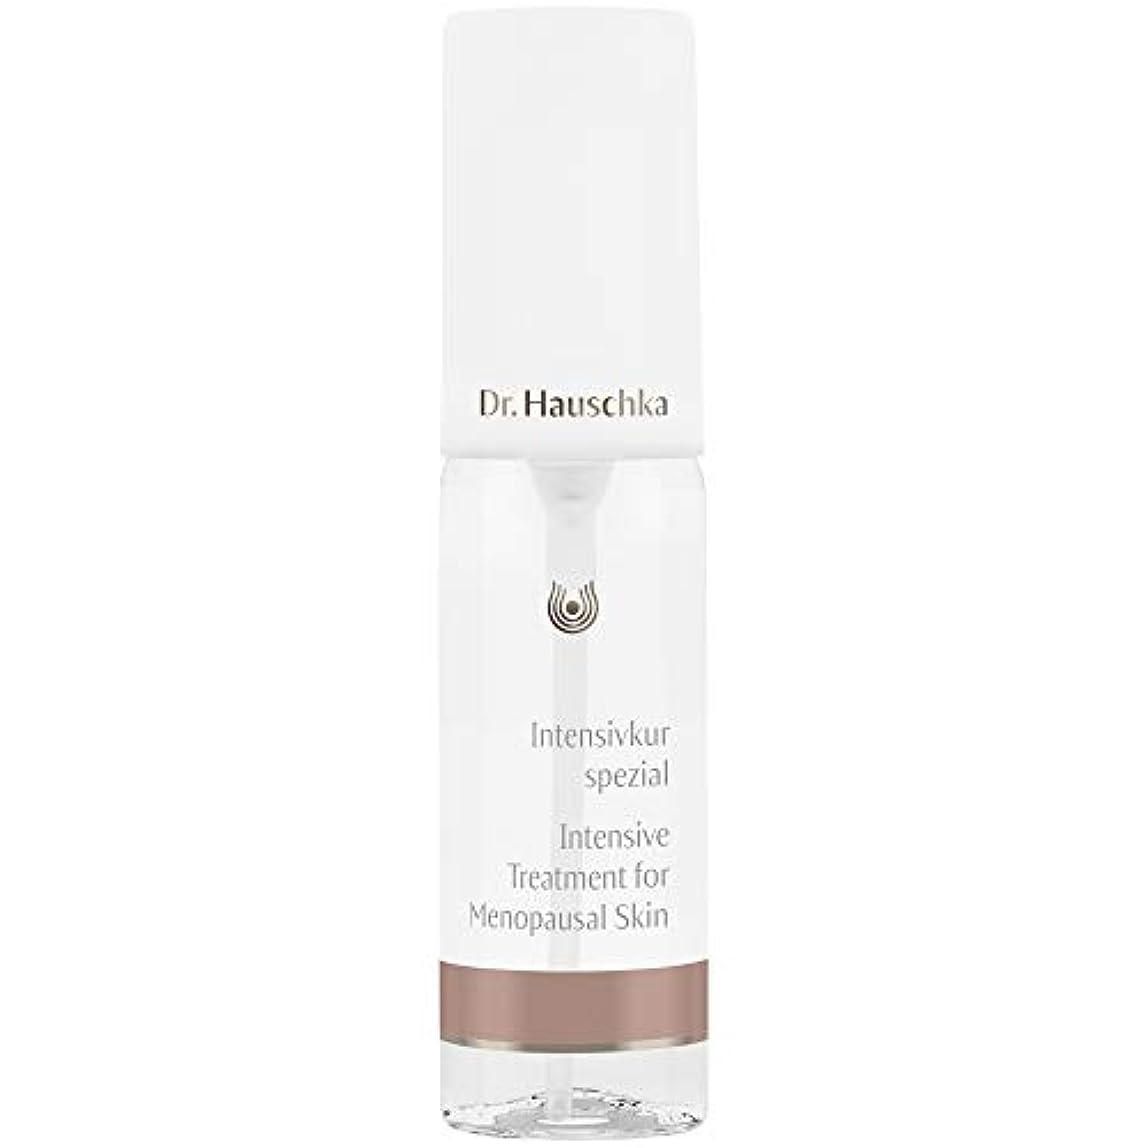 面白い申請中ウェブ[Dr Hauschka] 更年期の皮膚05 40ミリリットルのためのDrハウシュカ集中治療 - Dr Hauschka Intensive Treatment for Menopausal Skin 05 40ml [...